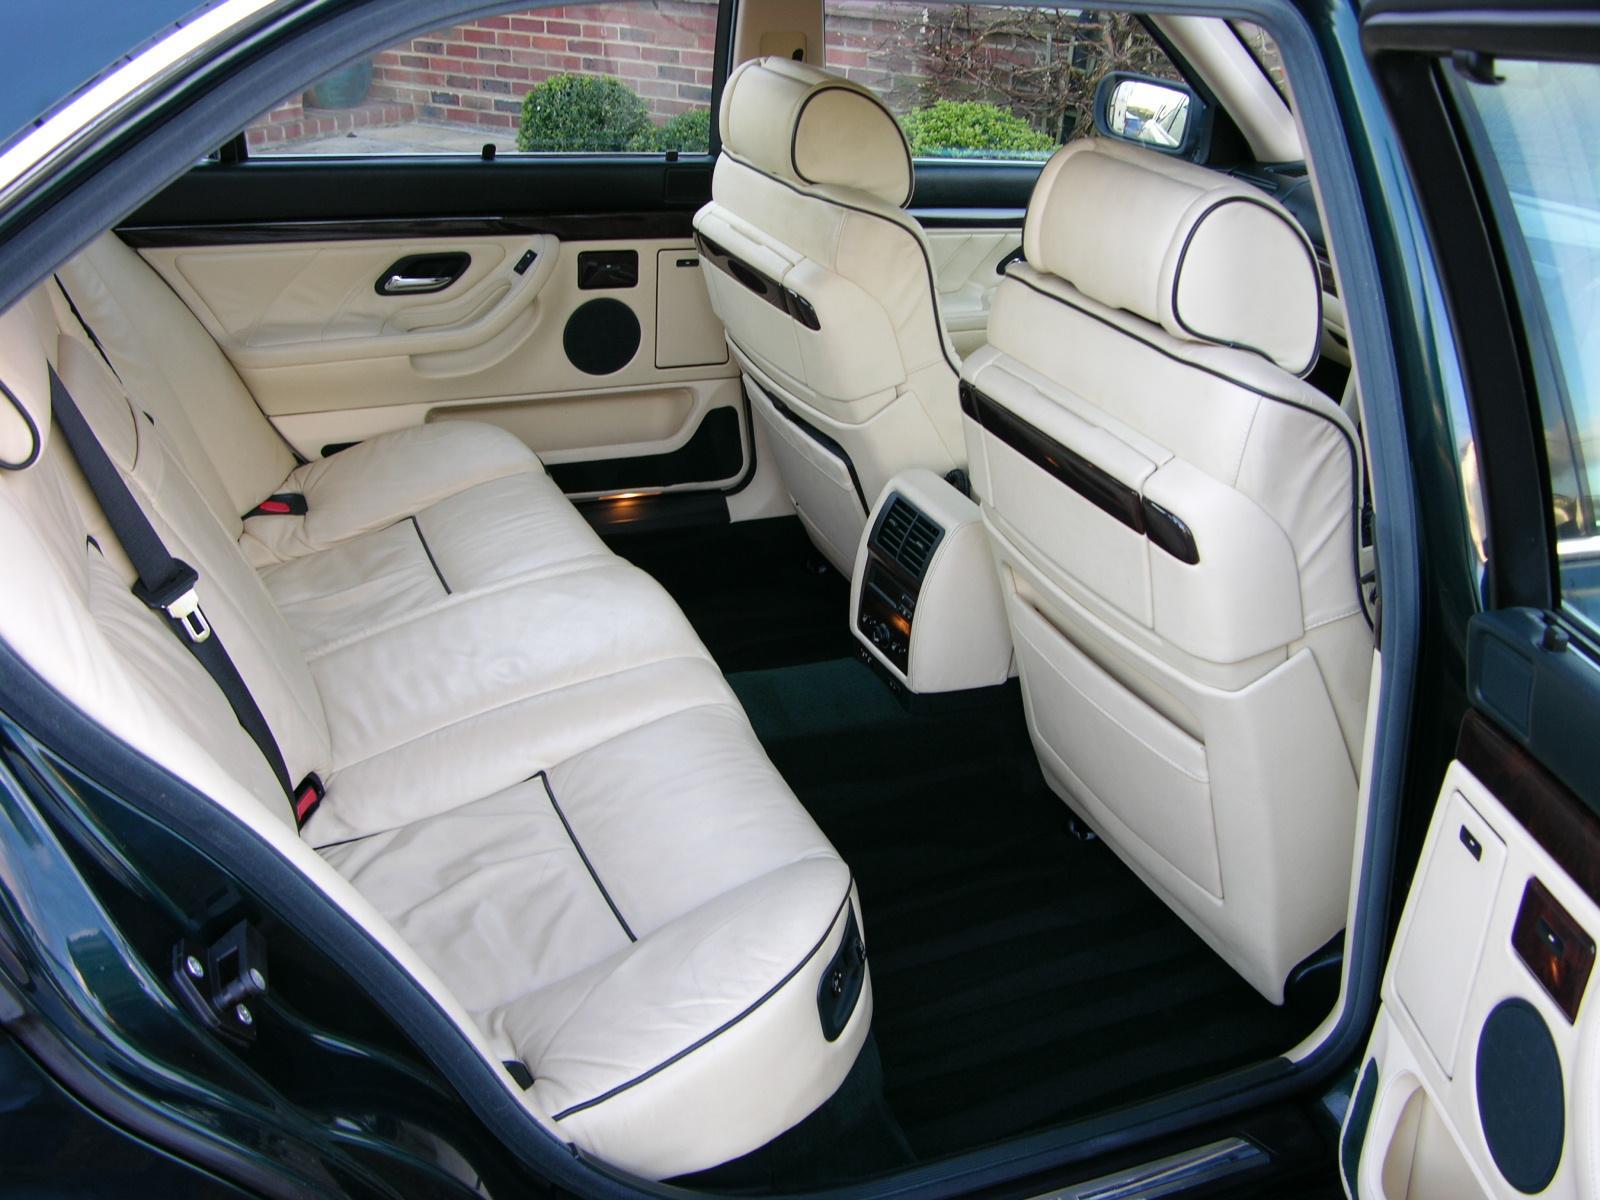 BMW-E38-10.jpg